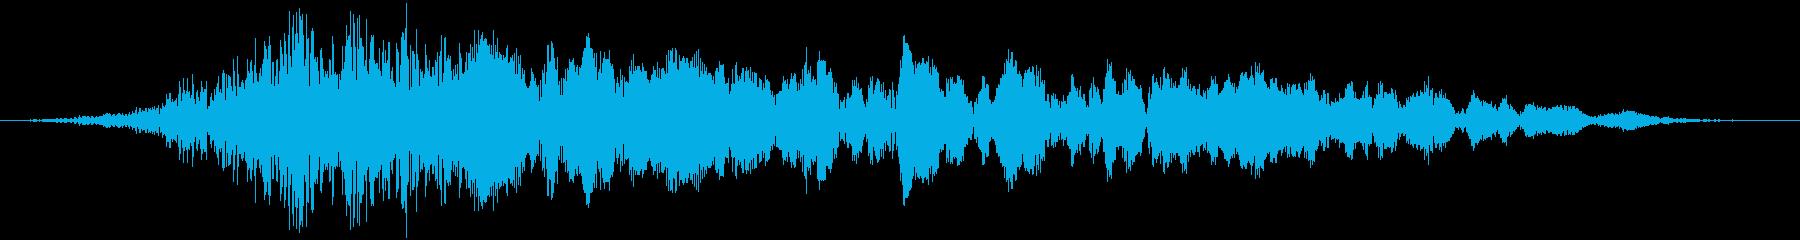 【タイトルロゴ】ダークな雰囲気の再生済みの波形